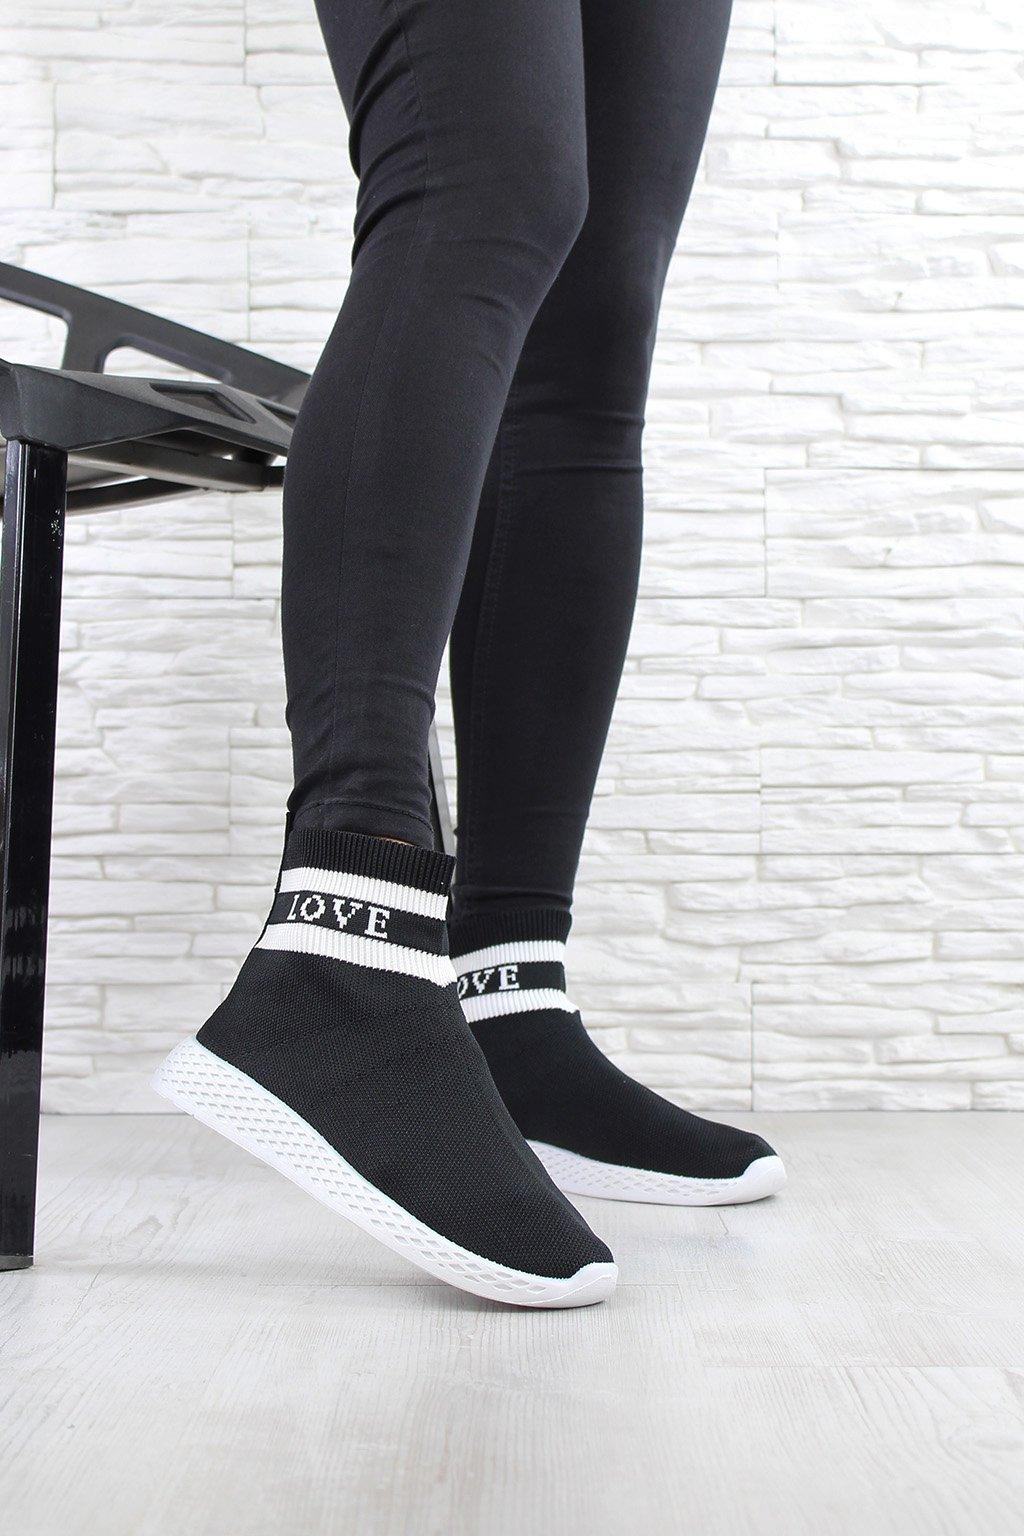 Ponožkové tenisky love SJ1877 1B (3)